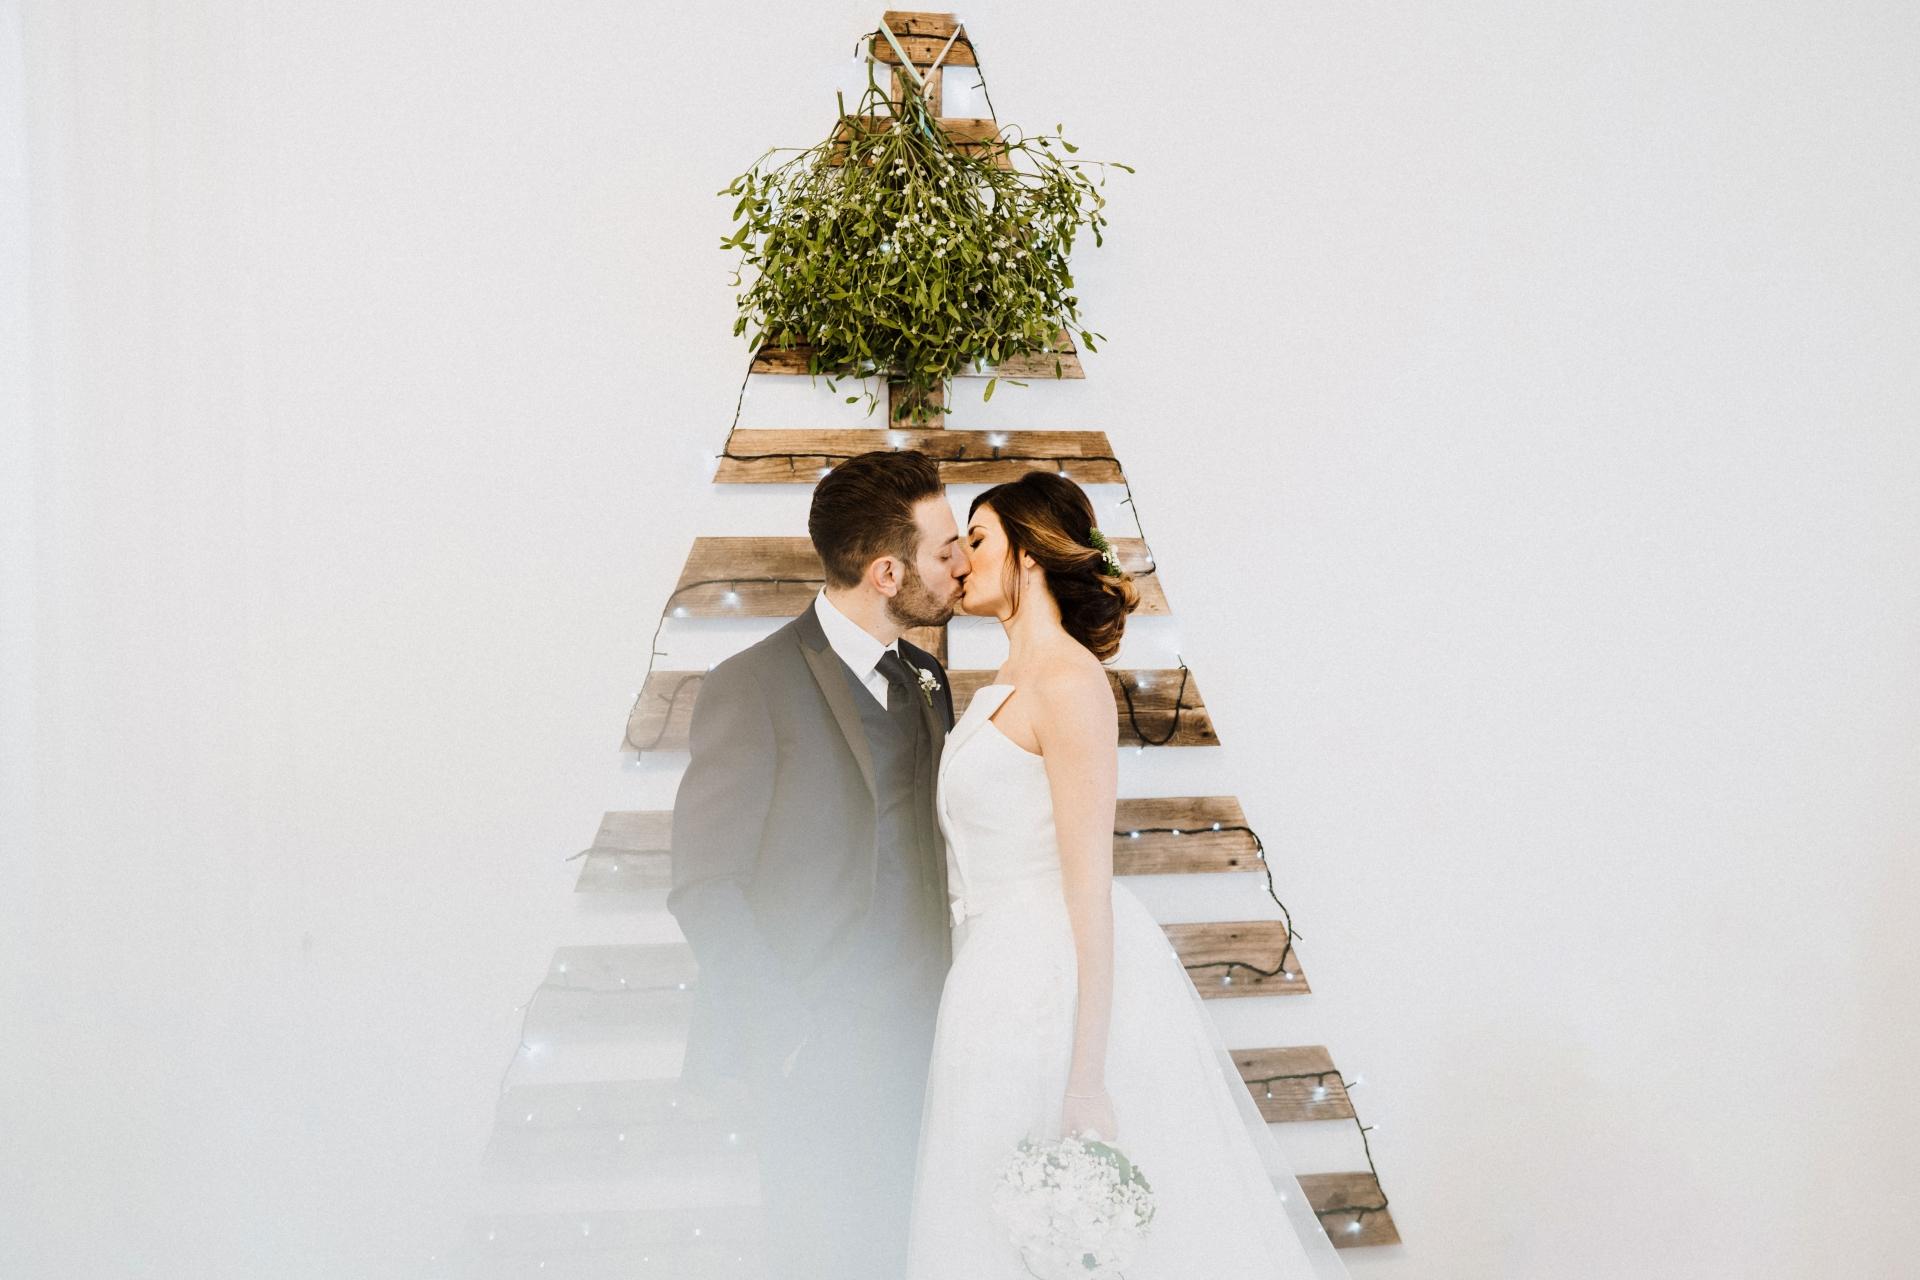 Matrimonio invernale: sposarsi d'inverno è chic!